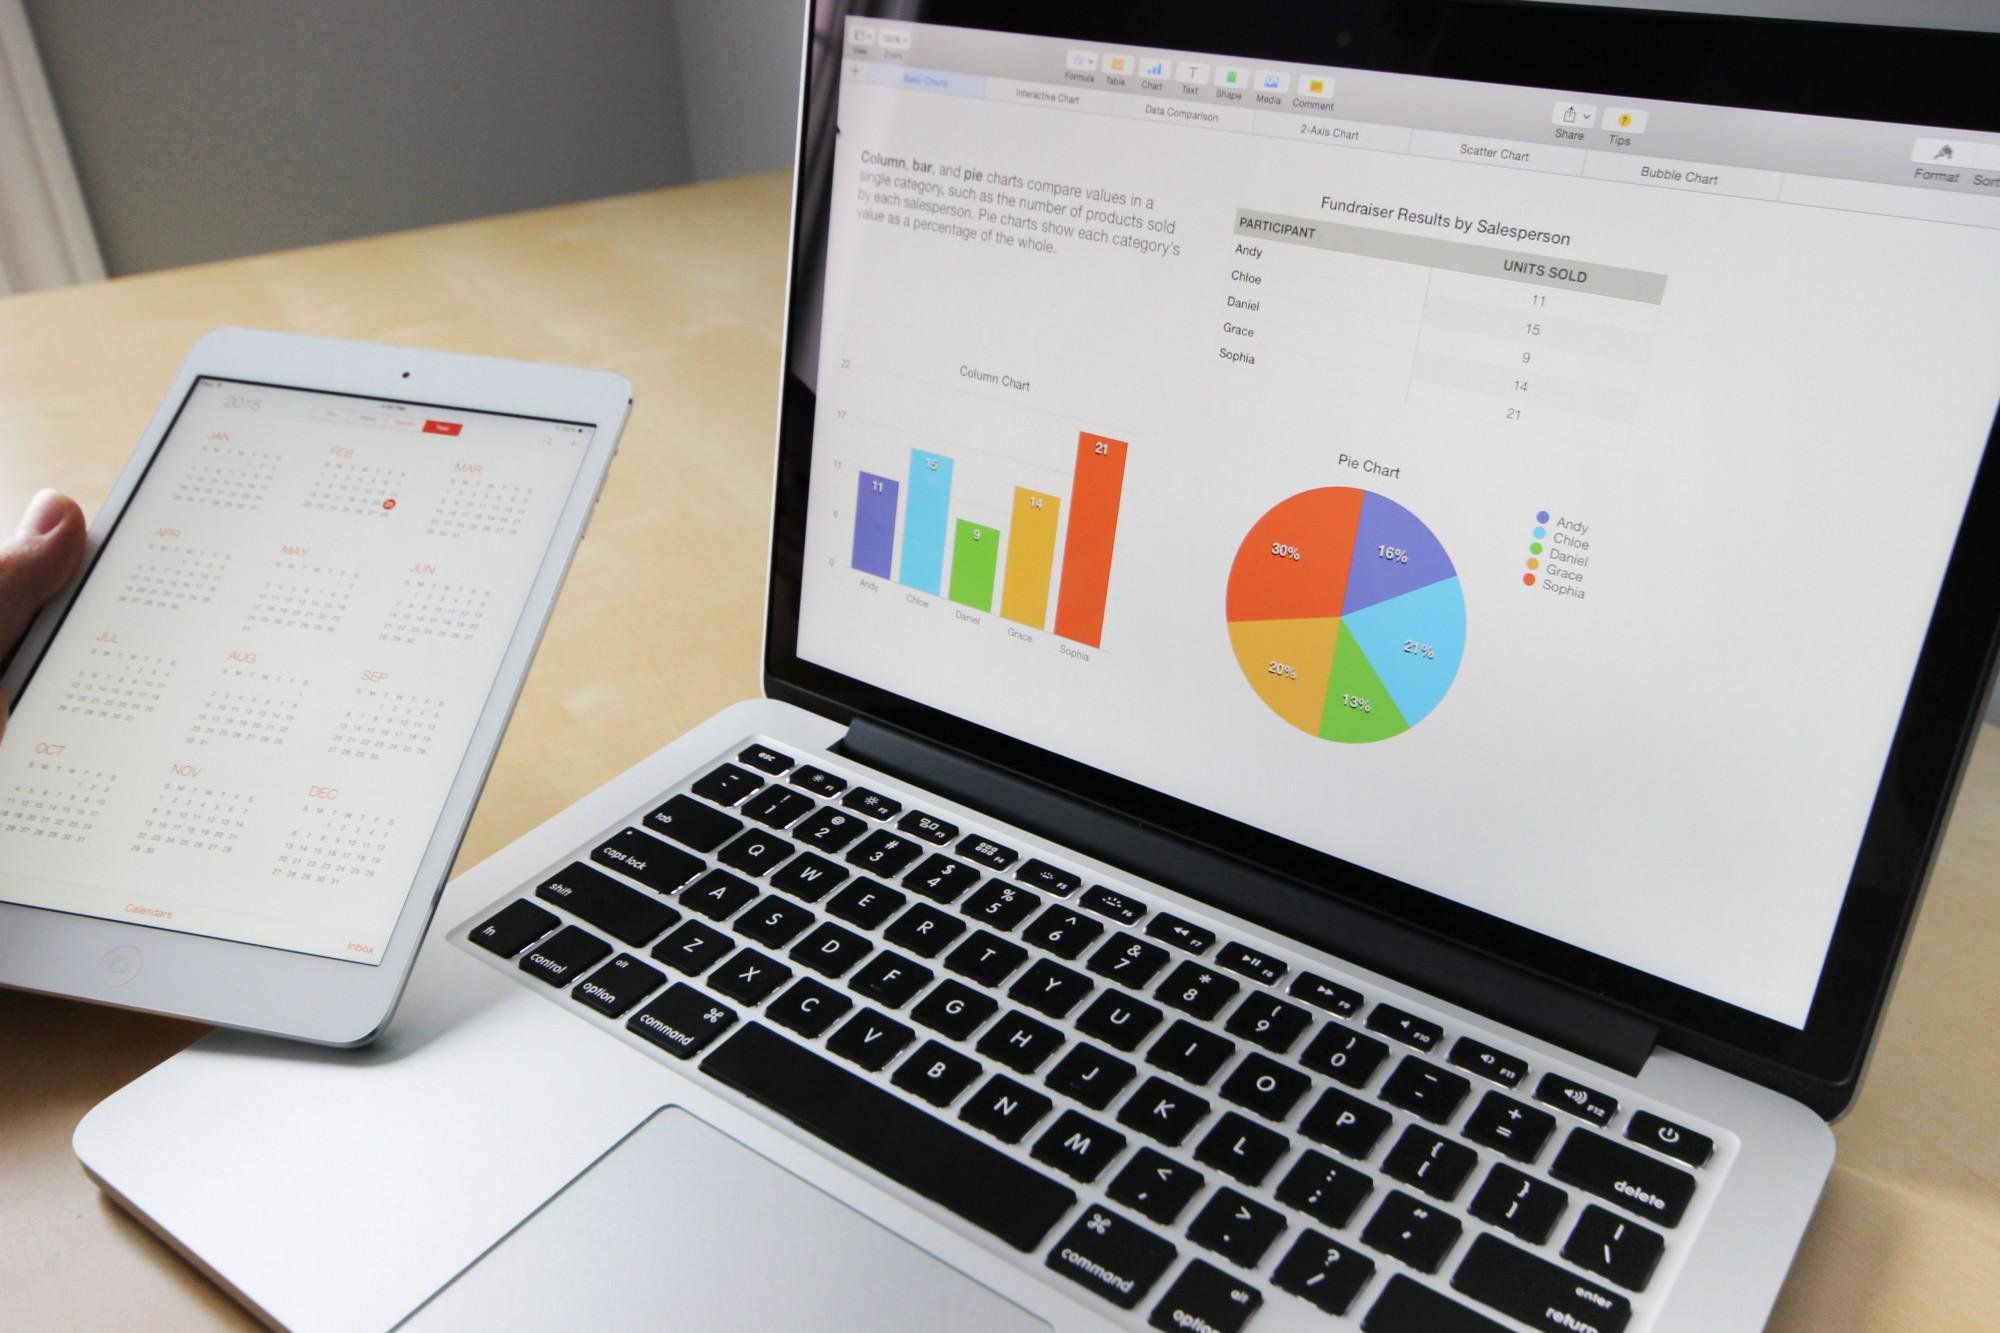 Phần mềm độc quyền là gì ? Phần mềm thương mại và phần mềm nguồn mở khác nhau gì